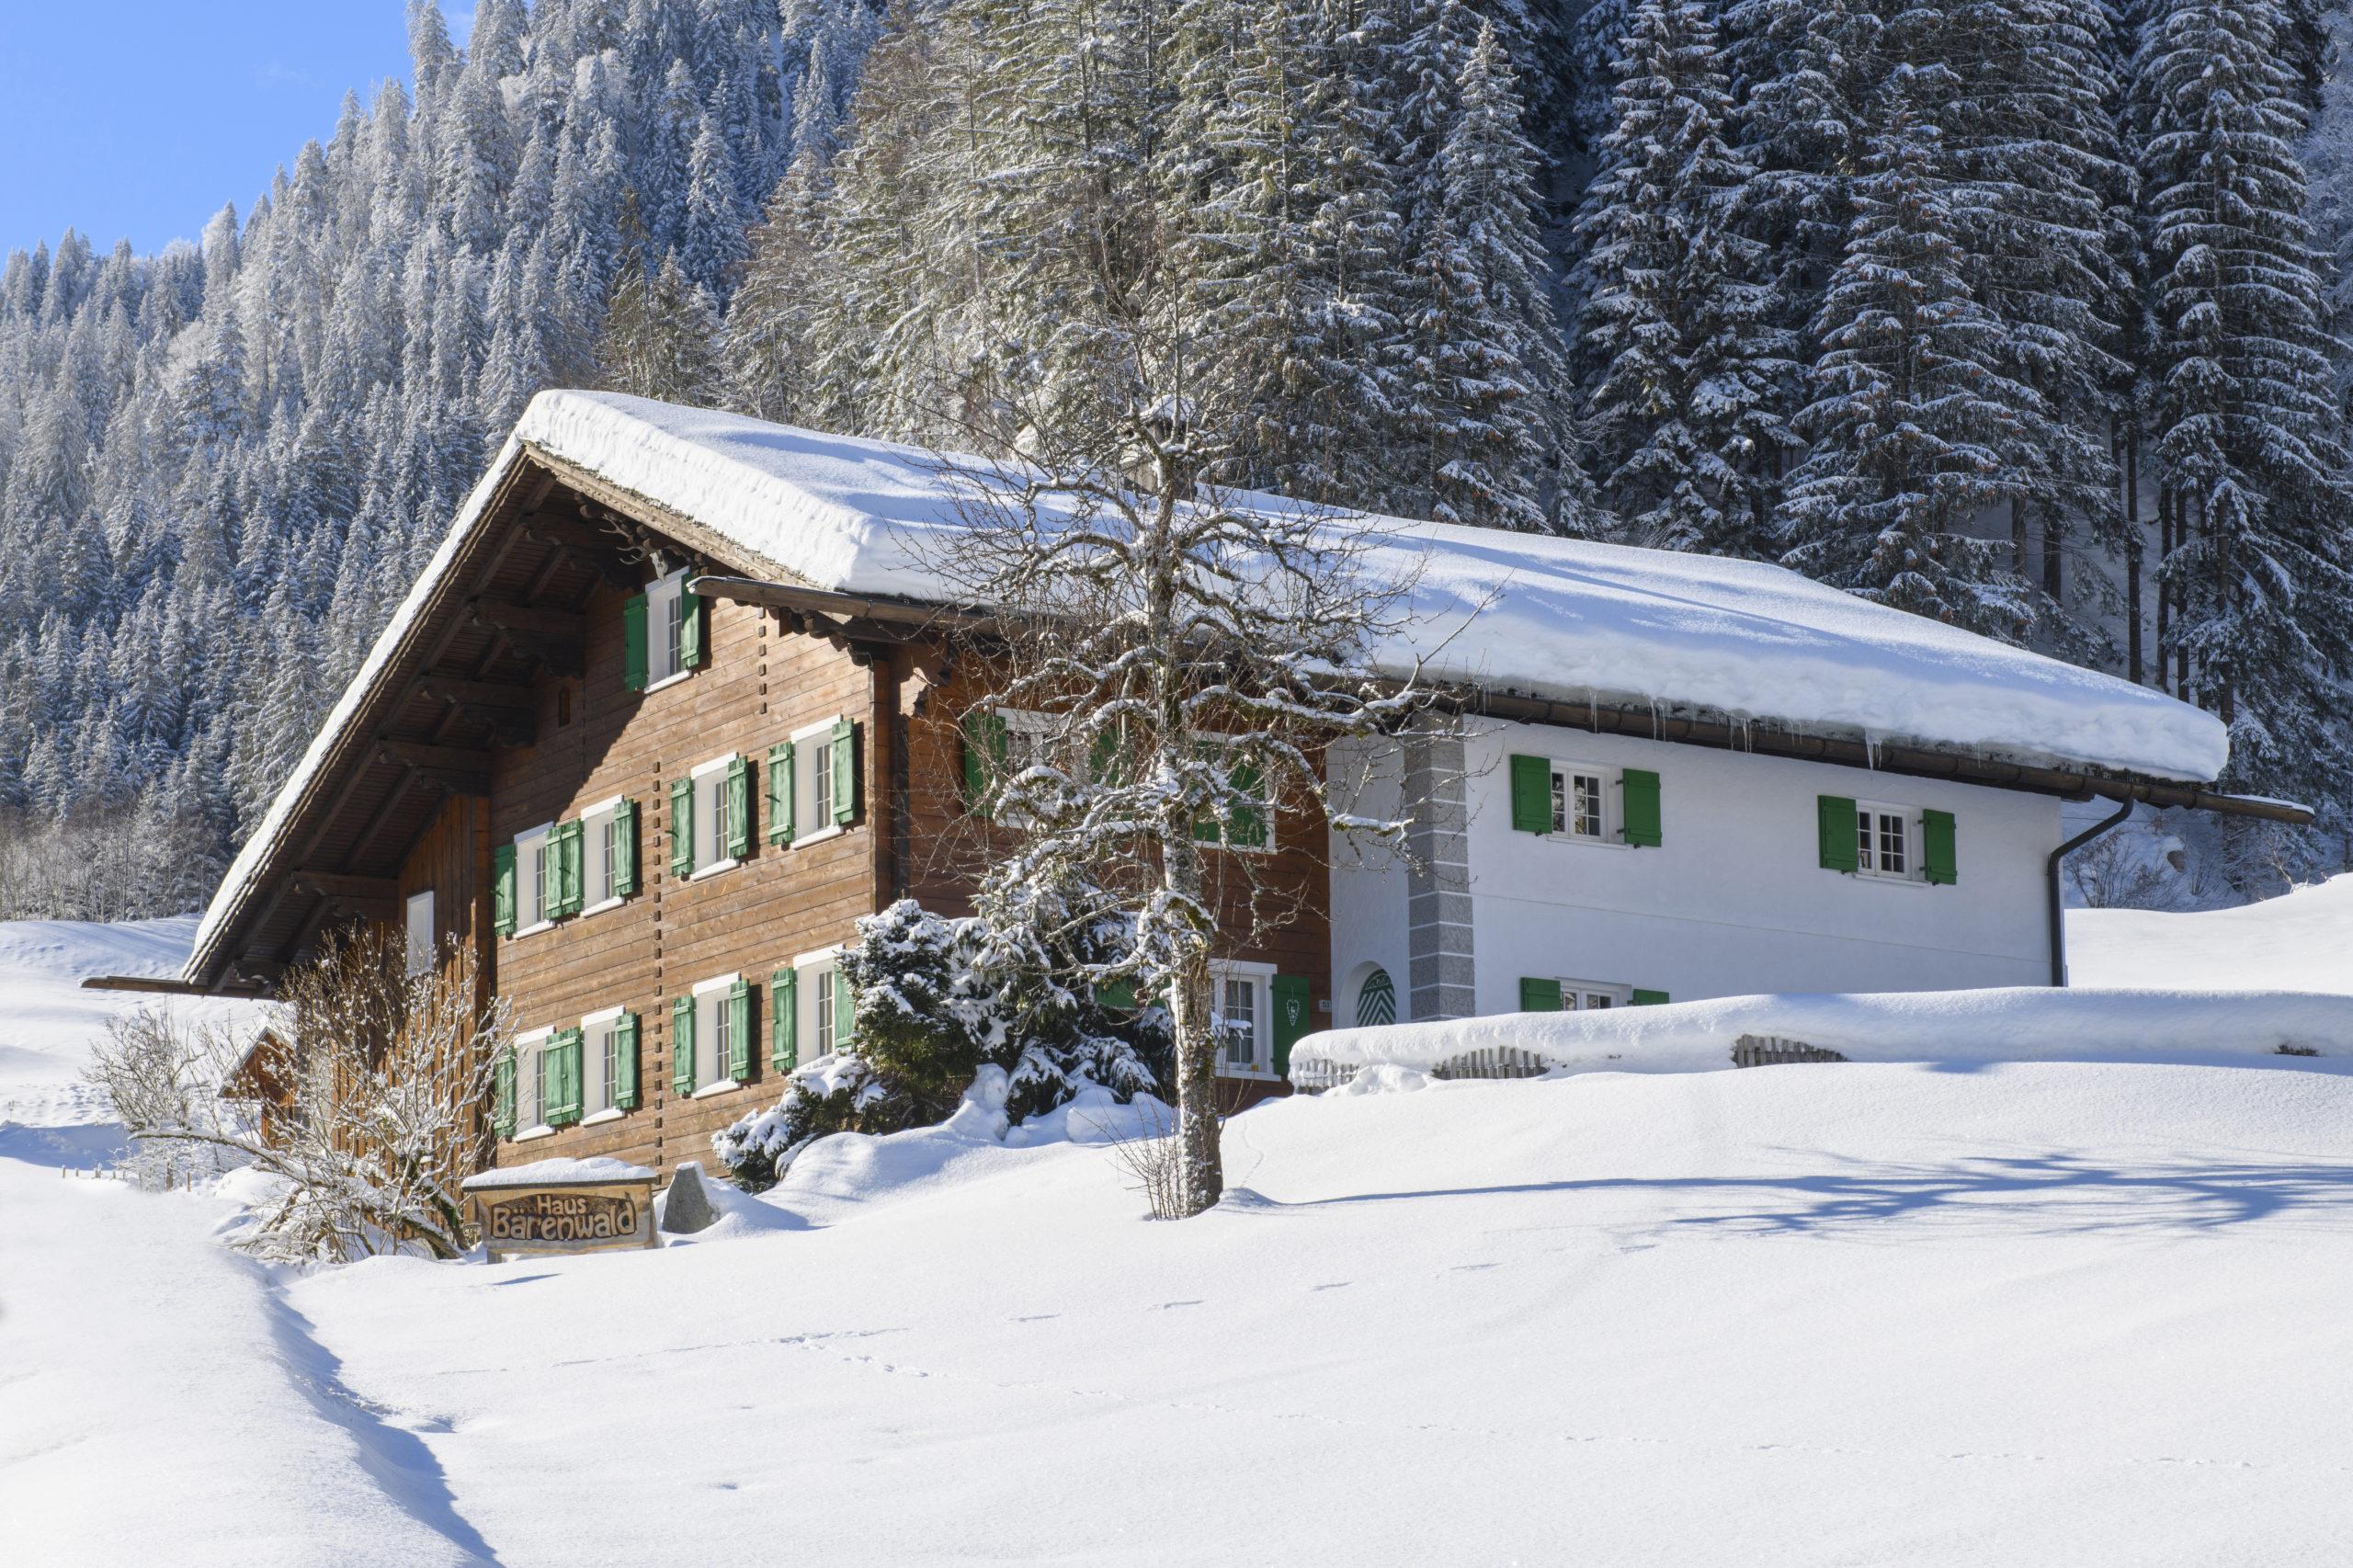 Landhaus Bärenwald Winter